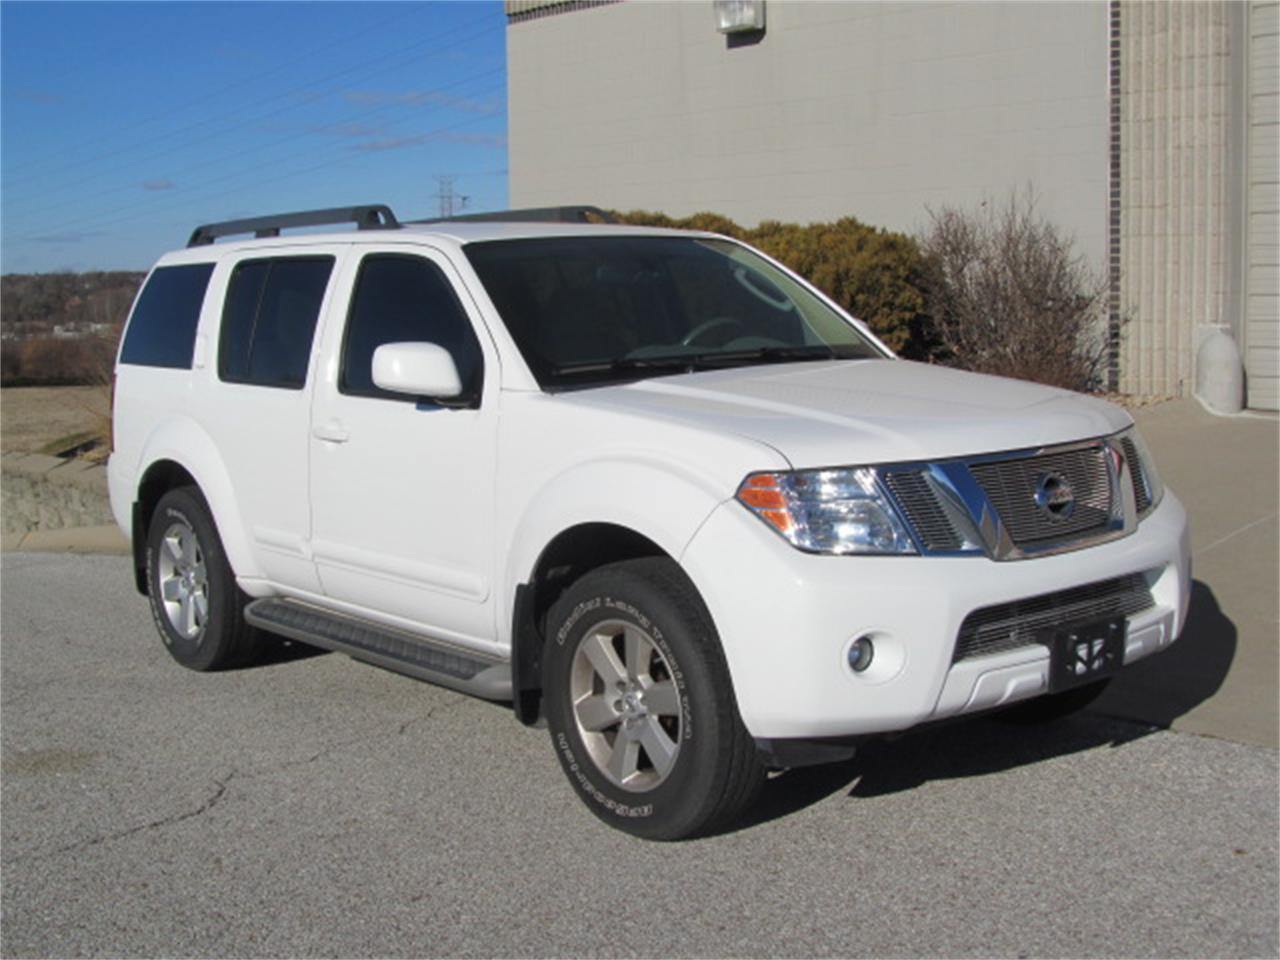 2012 Nissan Pathfinder For Sale >> For Sale 2012 Nissan Pathfinder In Omaha Nebraska